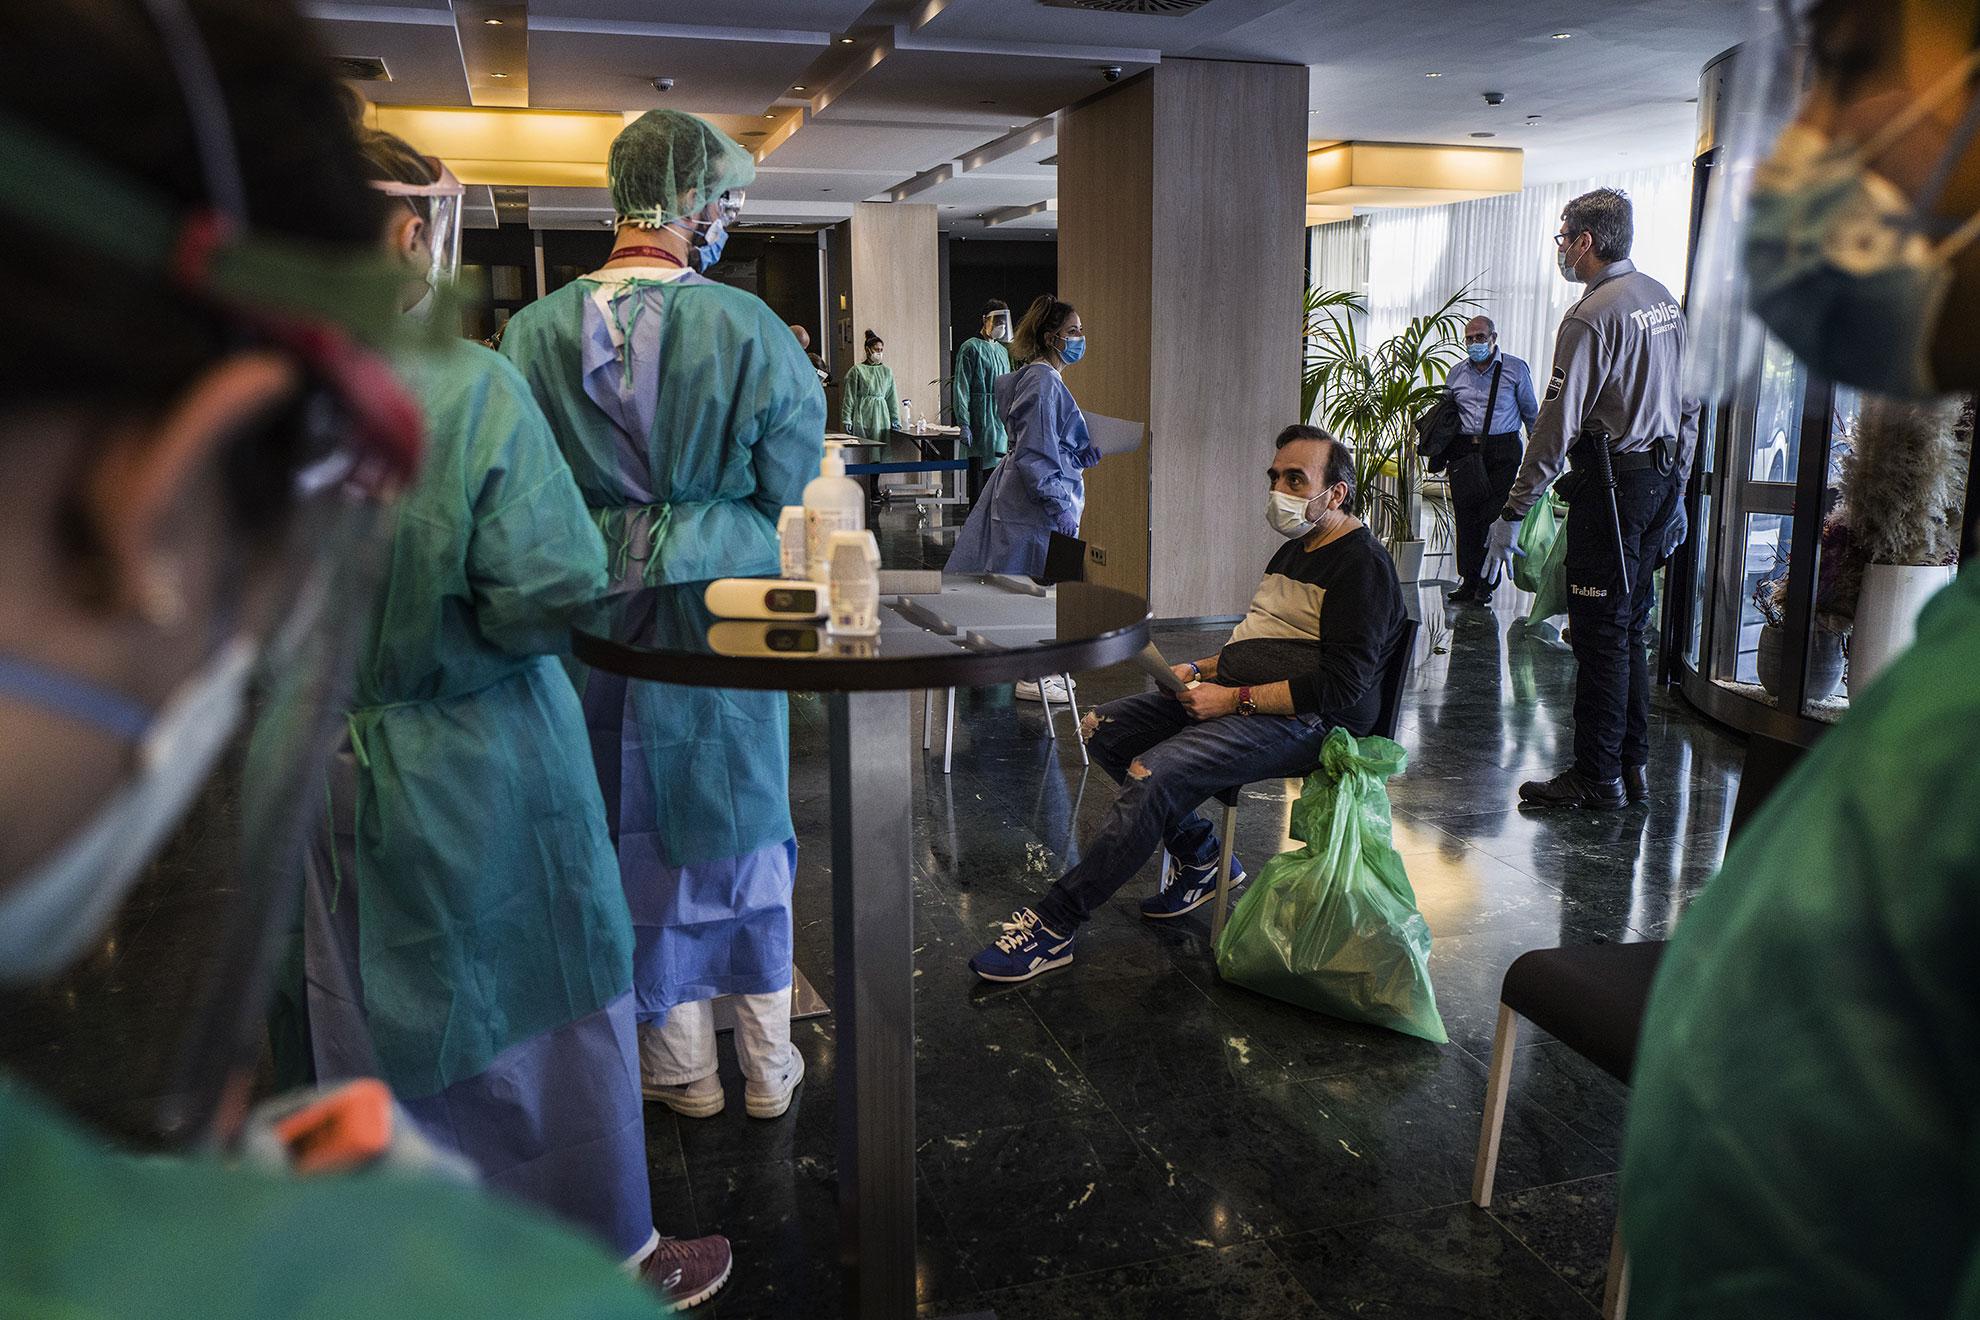 Enfermeras y enfermeros de la atención primaria de Barcelona, del @icscatalunya (Instituto Catalán de la Salud), recibiendo en la recepcion del Hotel Melià , e iniciando el protocolo de entrada a los pacientes que acaban de llegar del hospital, por de estar enfermos de Covid-19 . Y que son hospedado en el Hotel. Pacientes enfermos de Covid-19 dados de alta hospitalaria han sido trasladados a diferentes hoteles de Barcelona, entre ellos el Hotel Melià, para pasar dos semanas de confinamiento, antes de poder volver a casa. Una vez llegan, personal sanitario y del hotel hacen la acogida y toma de temperatura antes de asignarles una habitación.